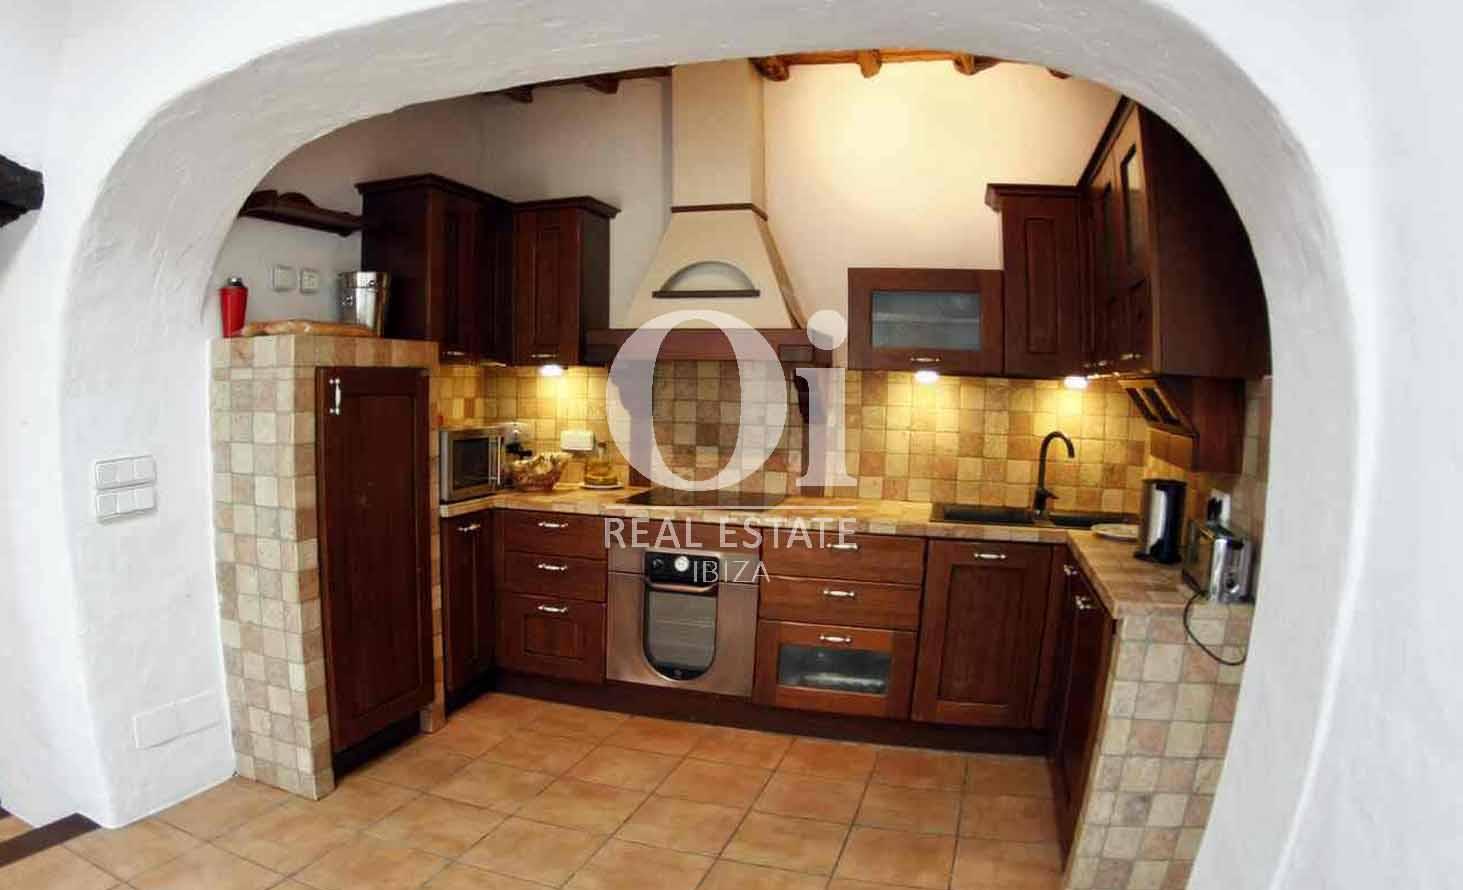 Cocina de casa de alquiler vacacional en San Rafael, Ibiza